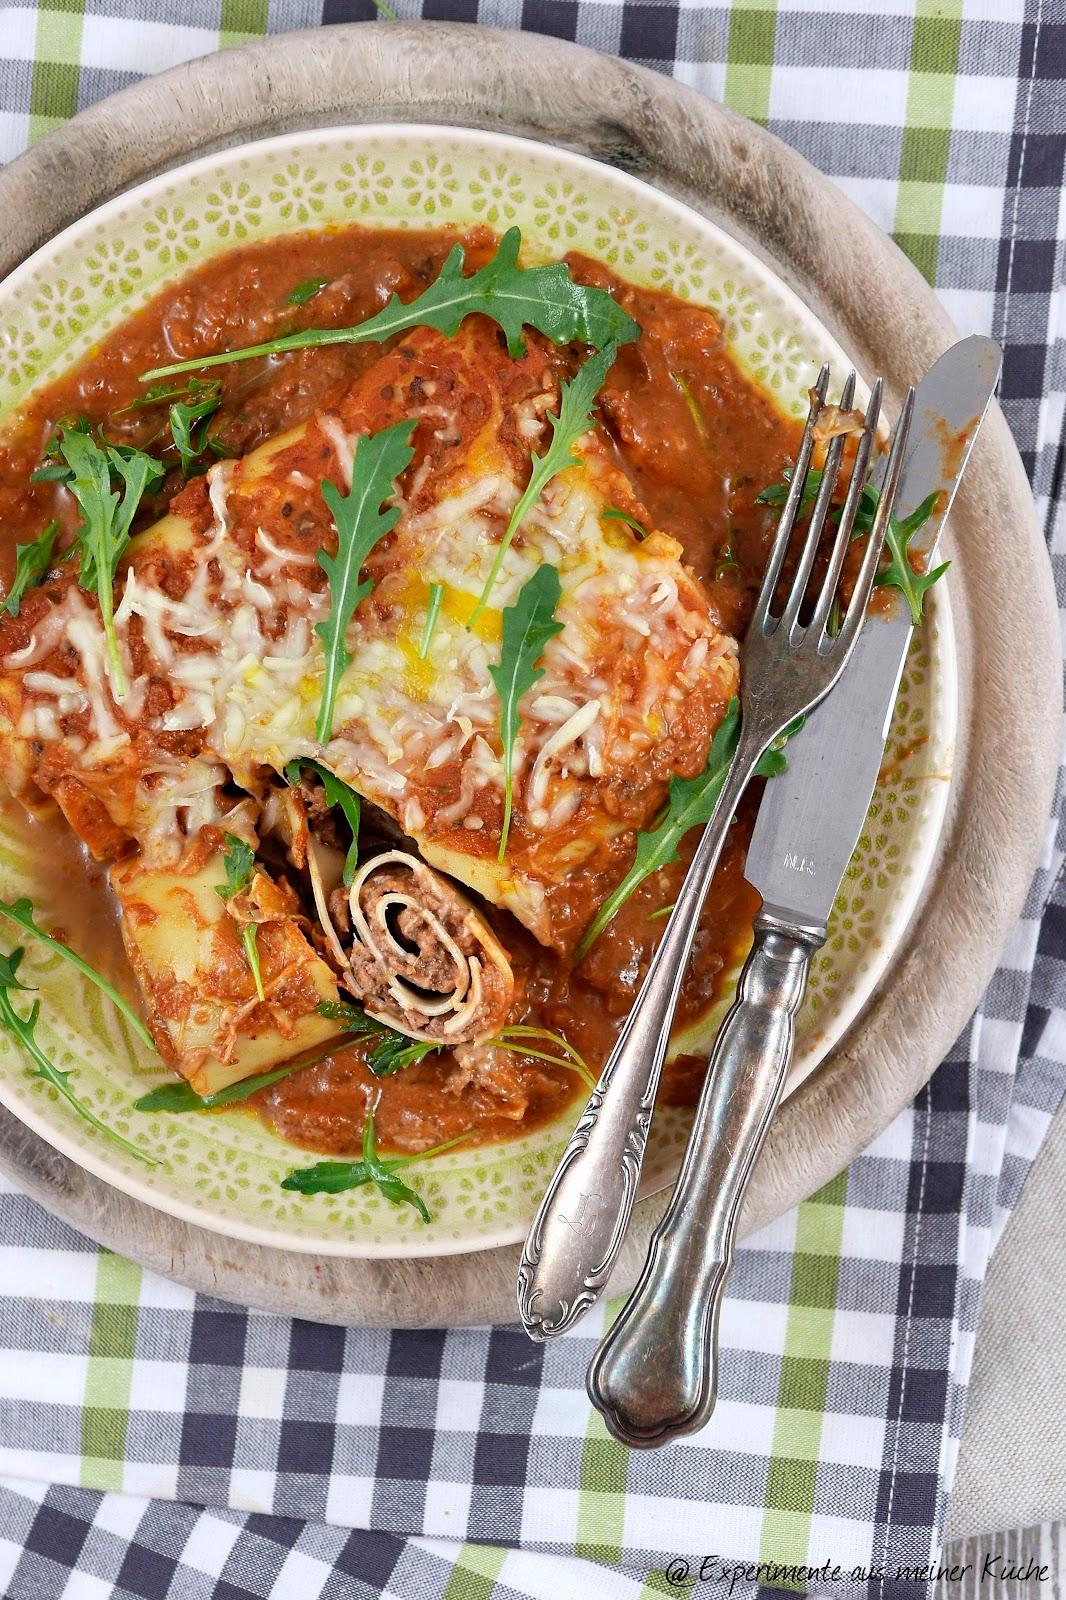 aus meiner Küche: Überbackene Lasagne-Rollen